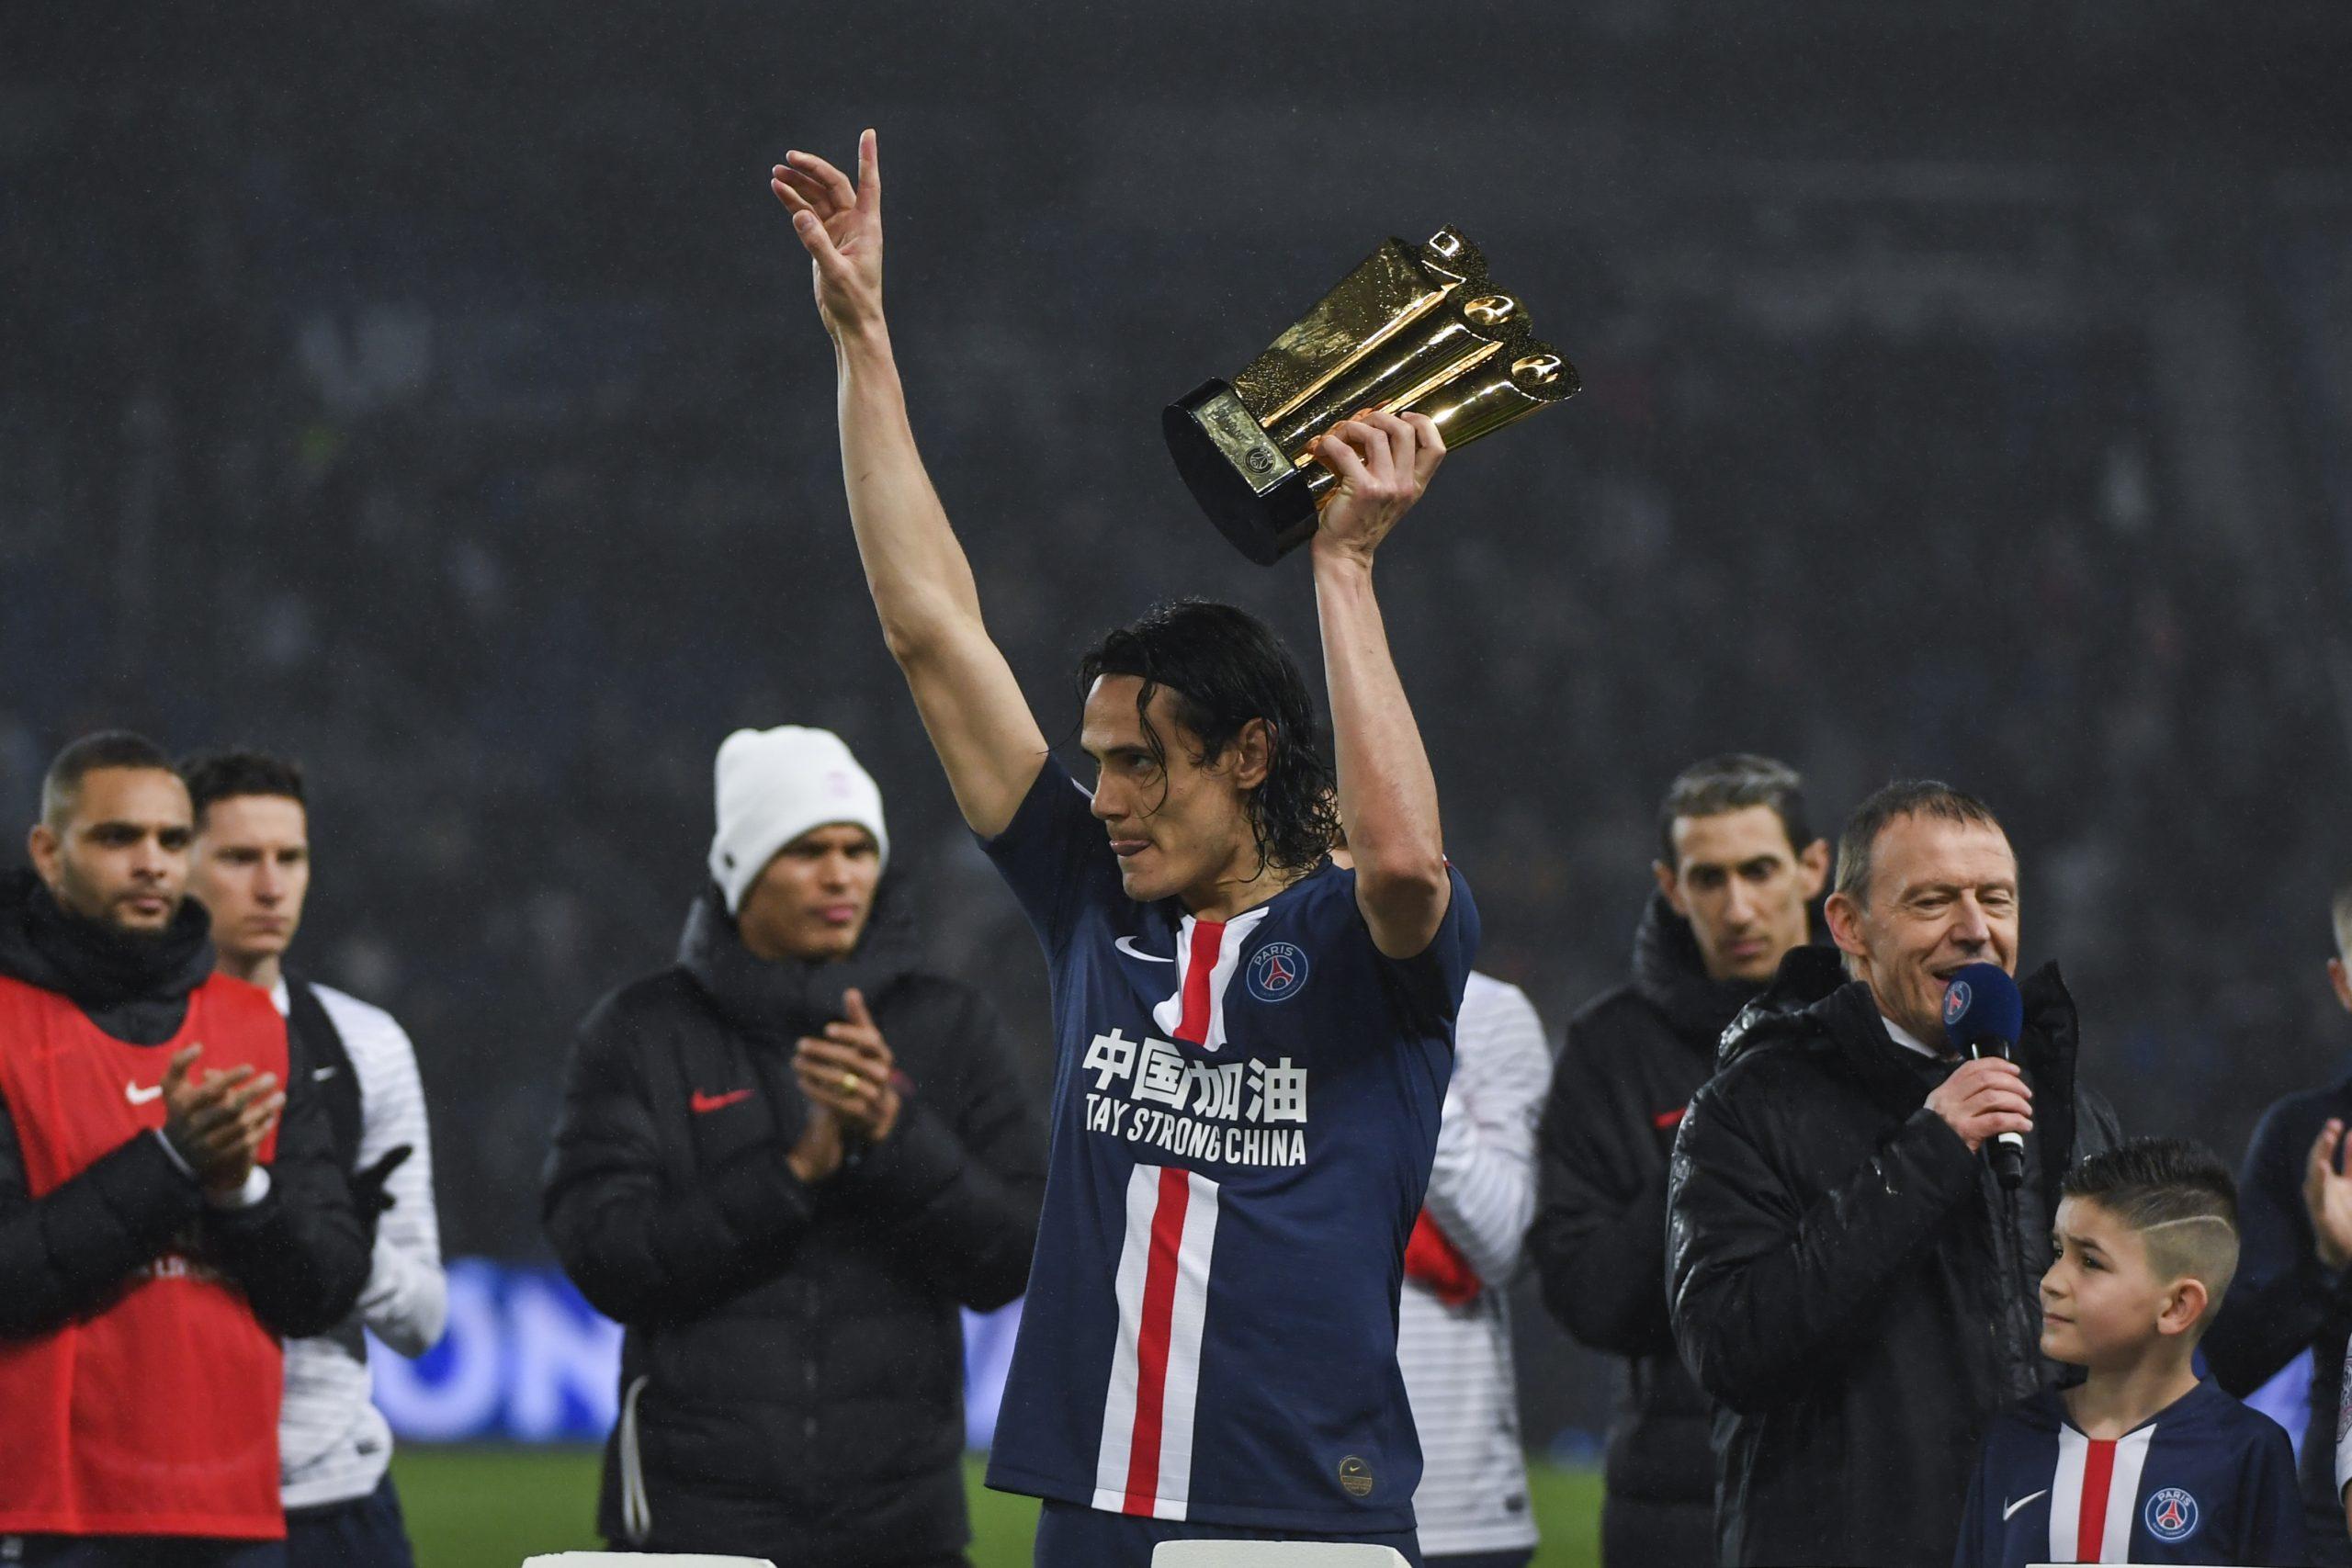 L'Equipe donne des explications du départ de Cavani sans finir la saison avec le PSG